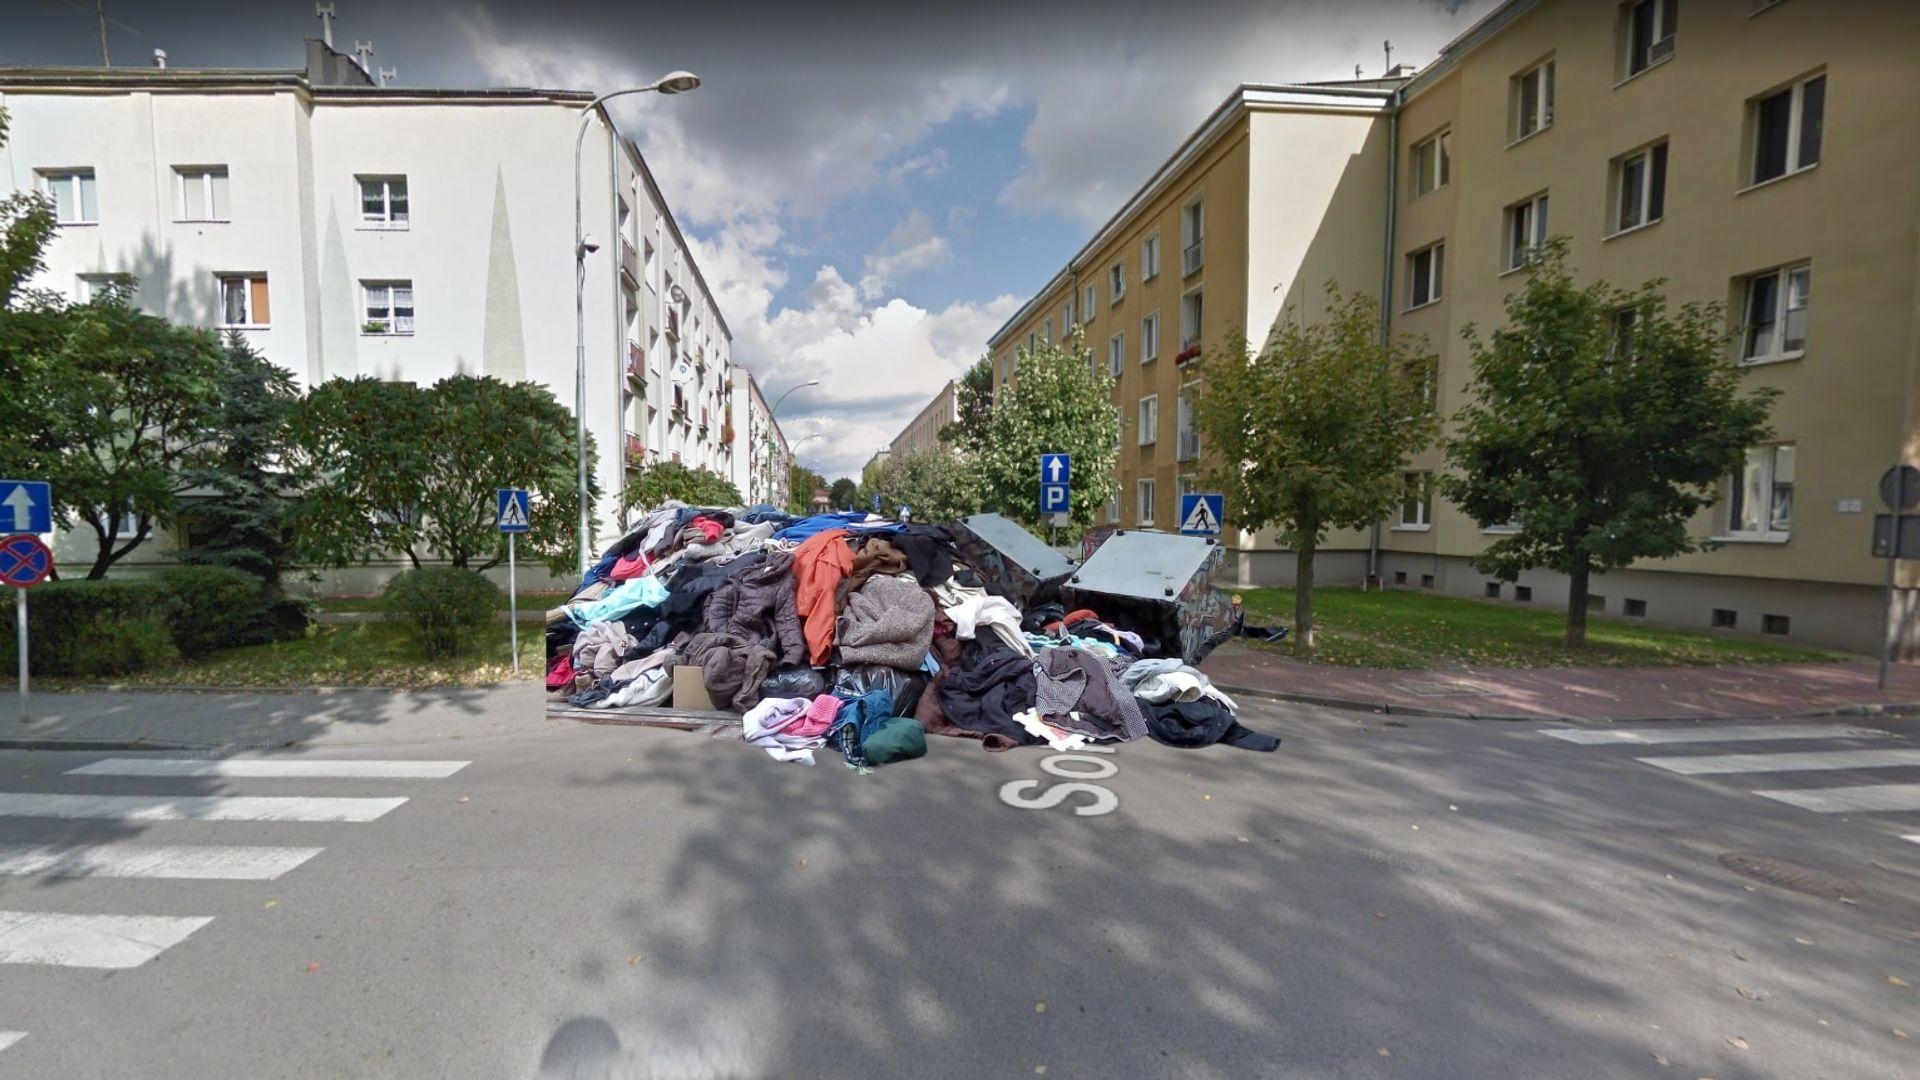 Wyrzucone ubrania i meble na środku osiedla. Co tam się wydarzyło? - Zdjęcie główne